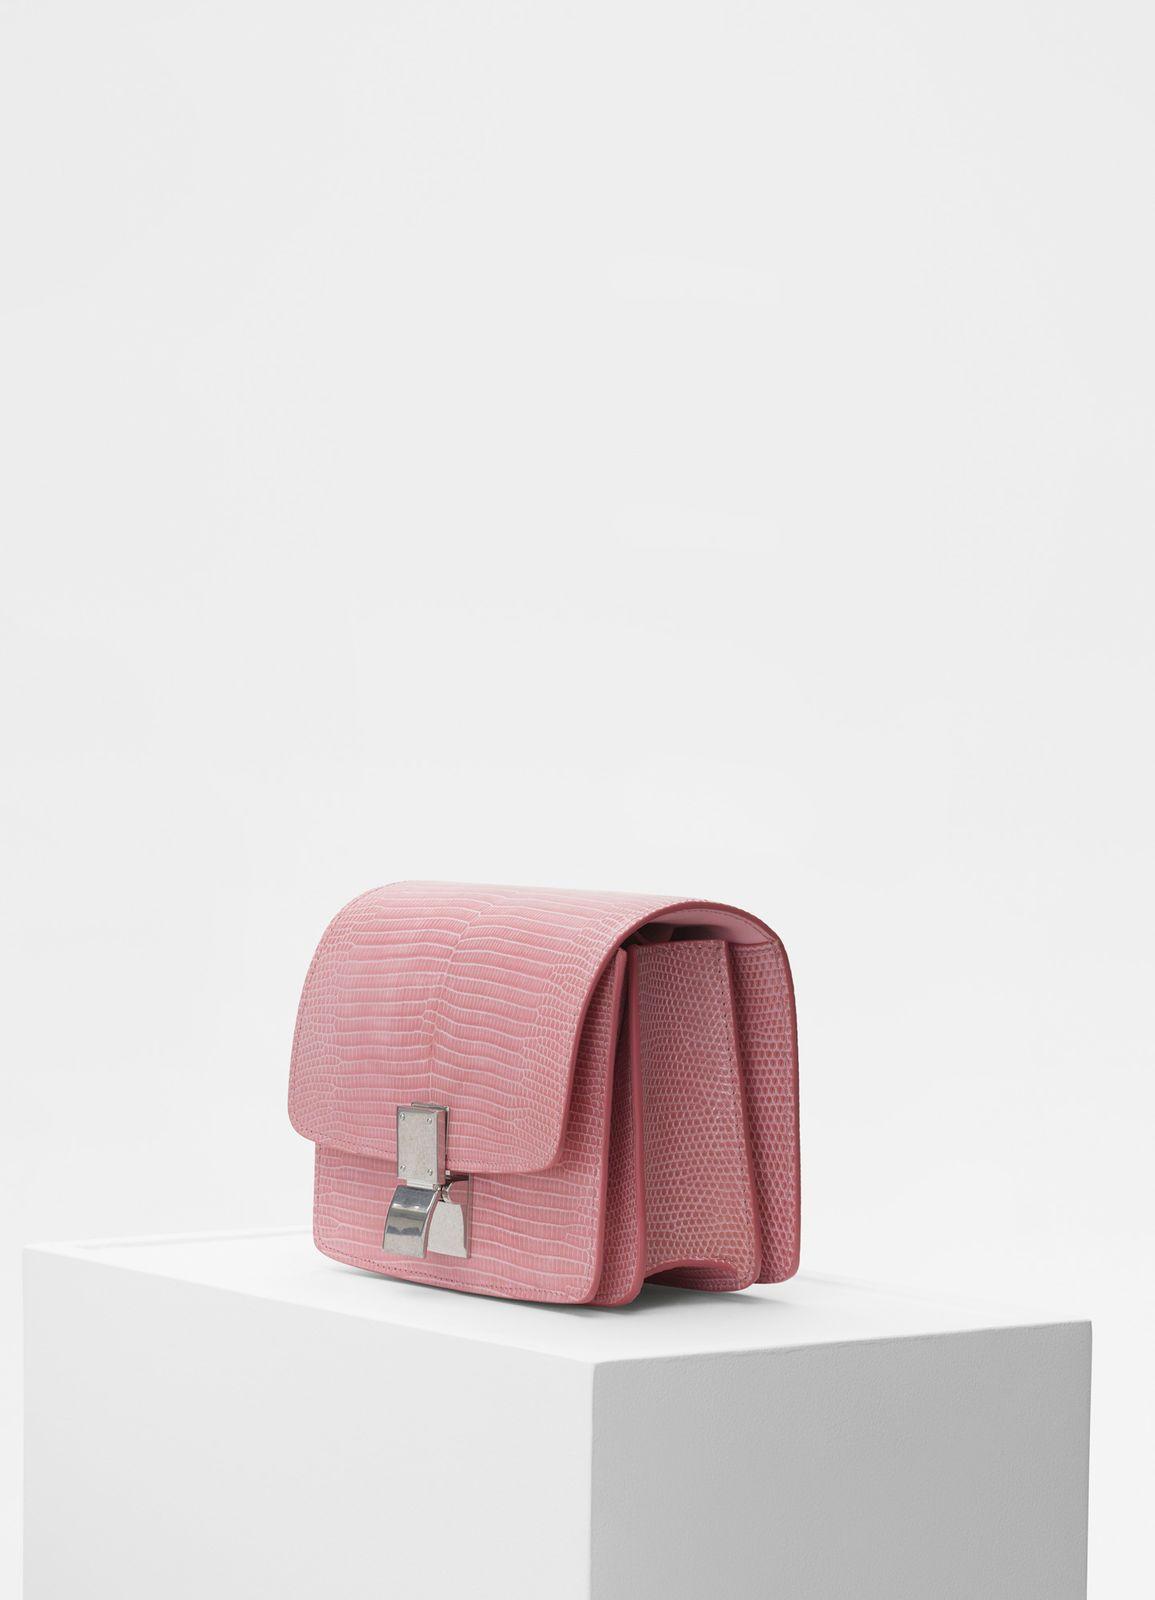 4a6d4e5e1047 Small Classic bag in lizard